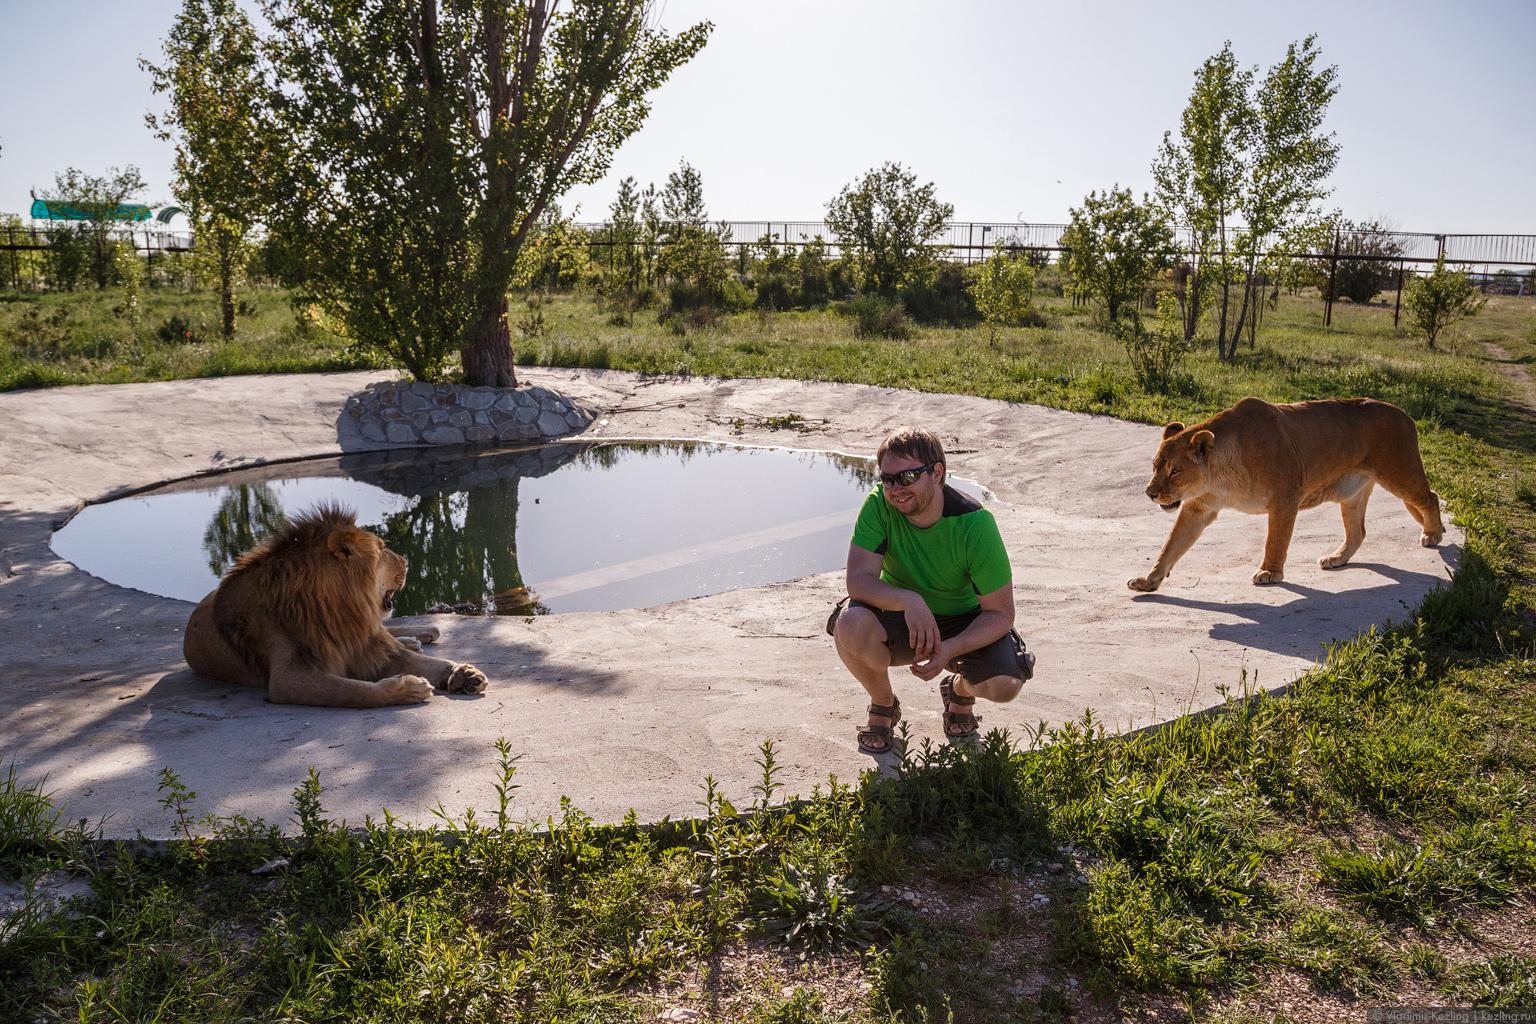 Крым переходного периода. Парк львов «Тайган» — самое захватывающее место Крыма